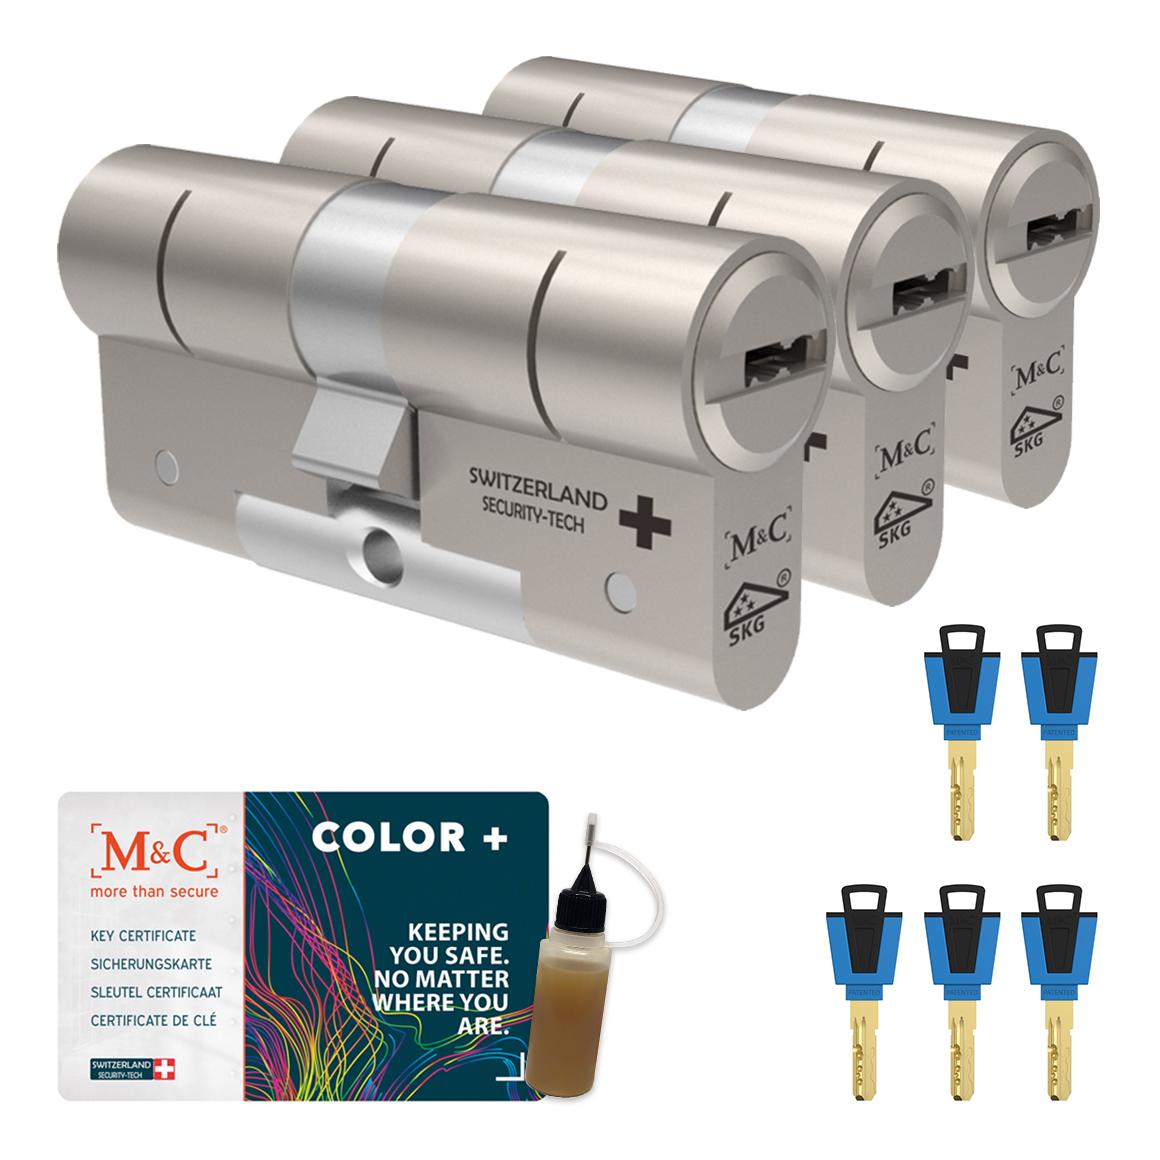 Afbeelding van Cilinderslot M&C Color+ (3 stuks)